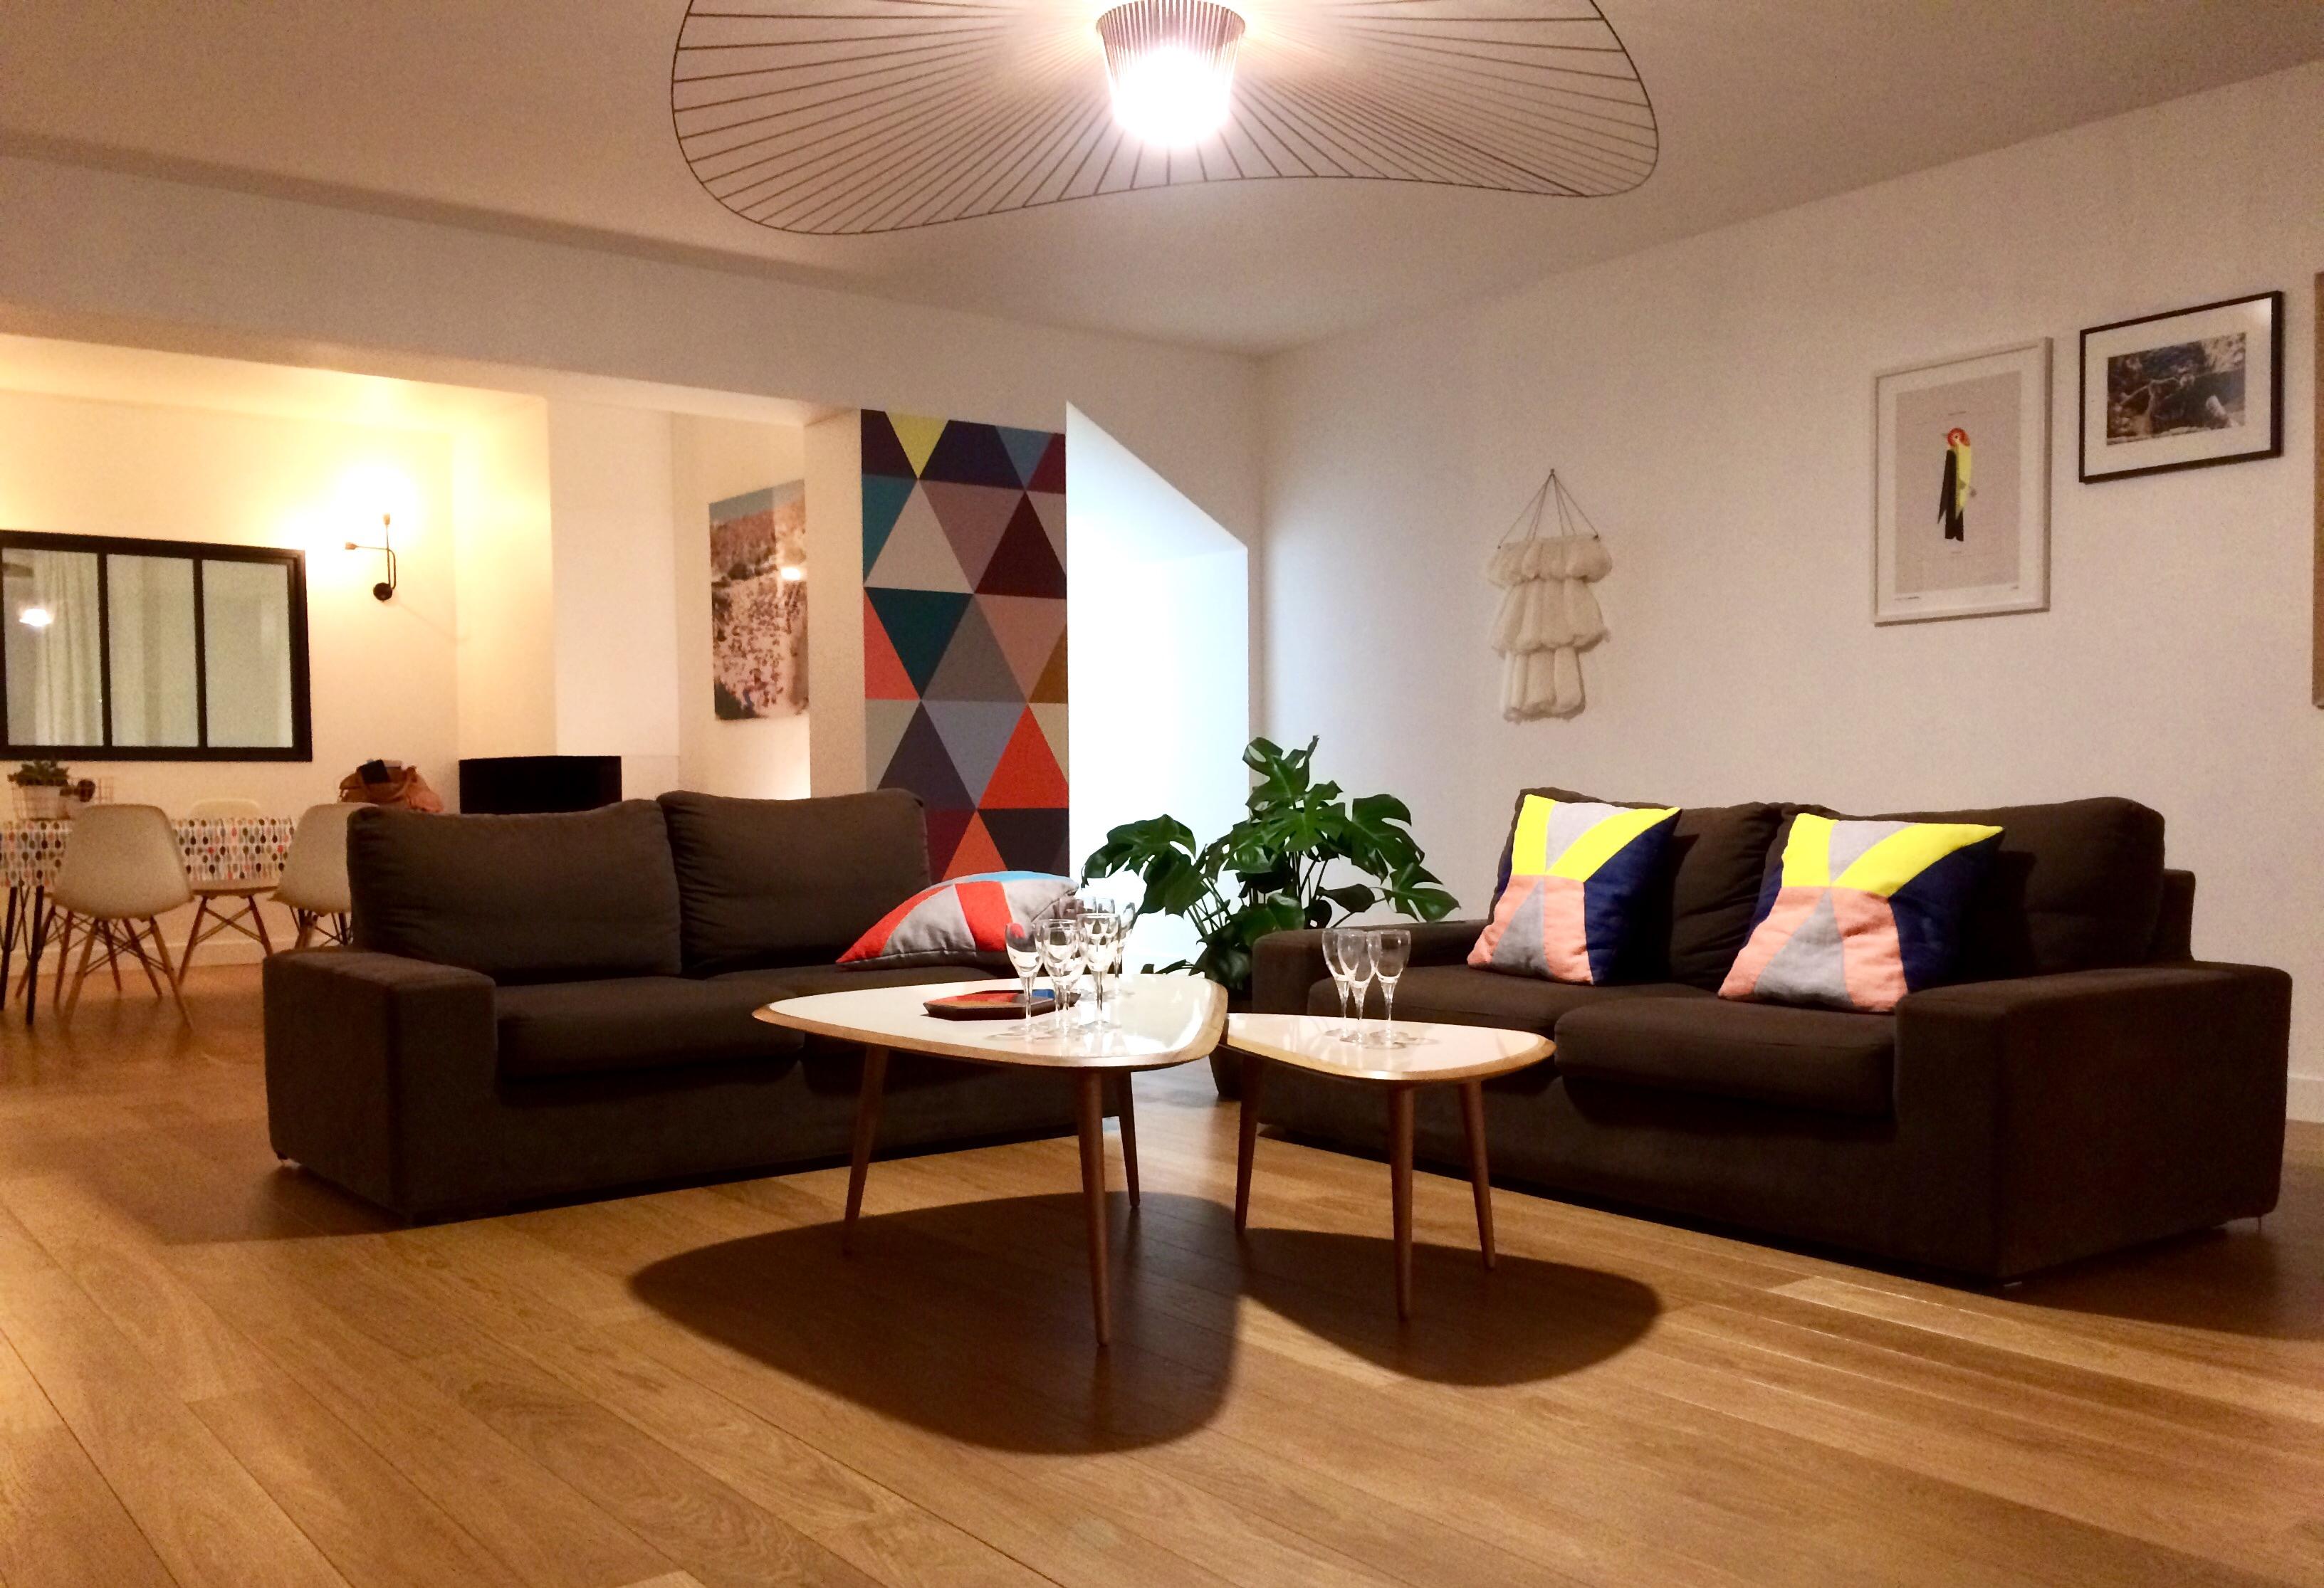 Chez-Sabrina-%C3%A0-Nanates Luxe De La Redoute Table Basse Scandinave Concept